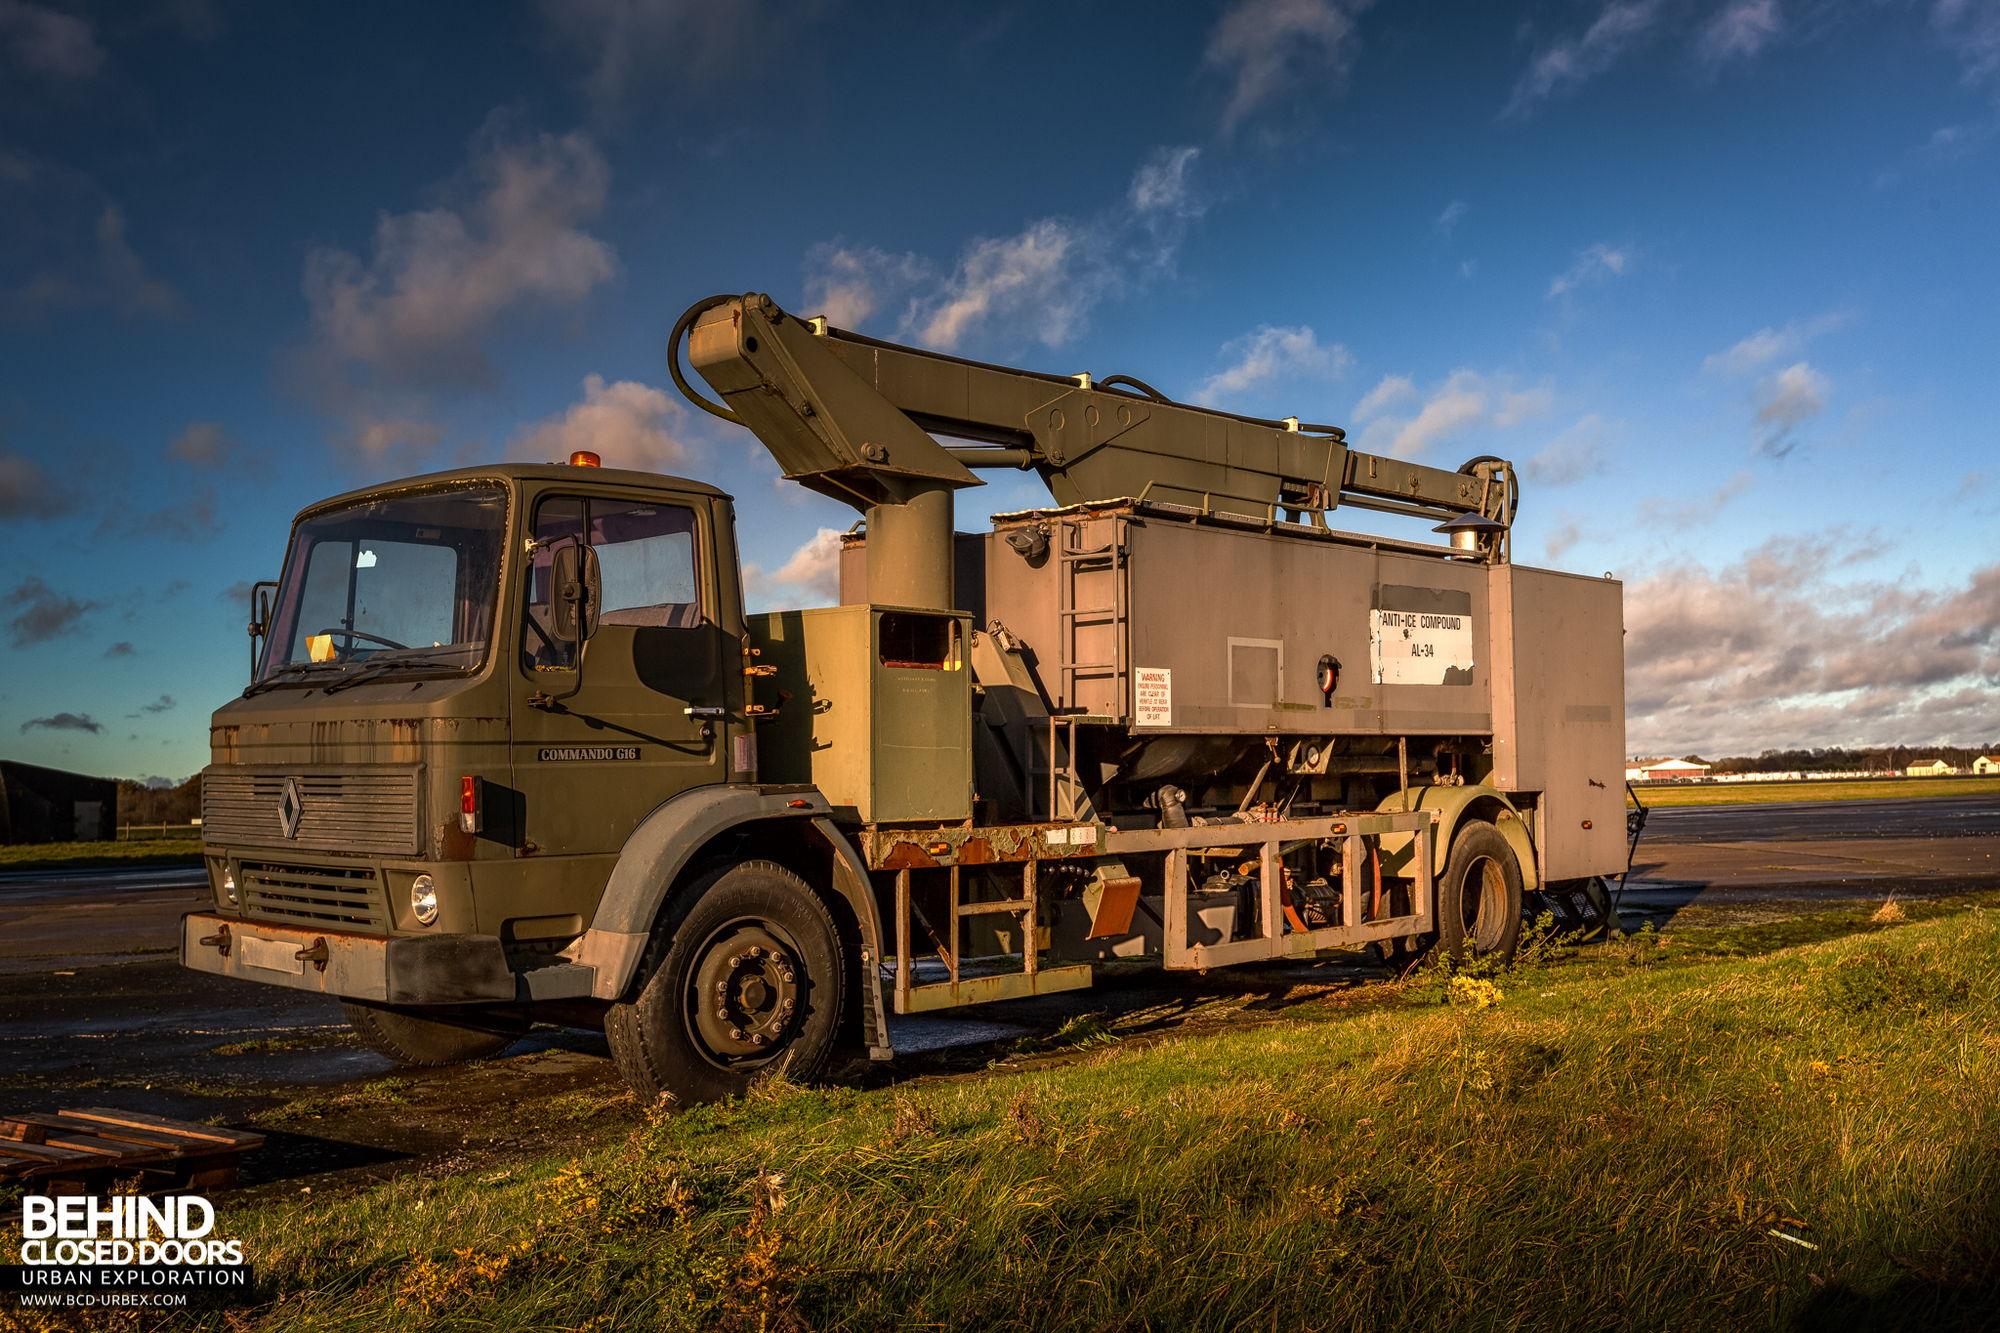 RAF Bentwaters - De-icer truck